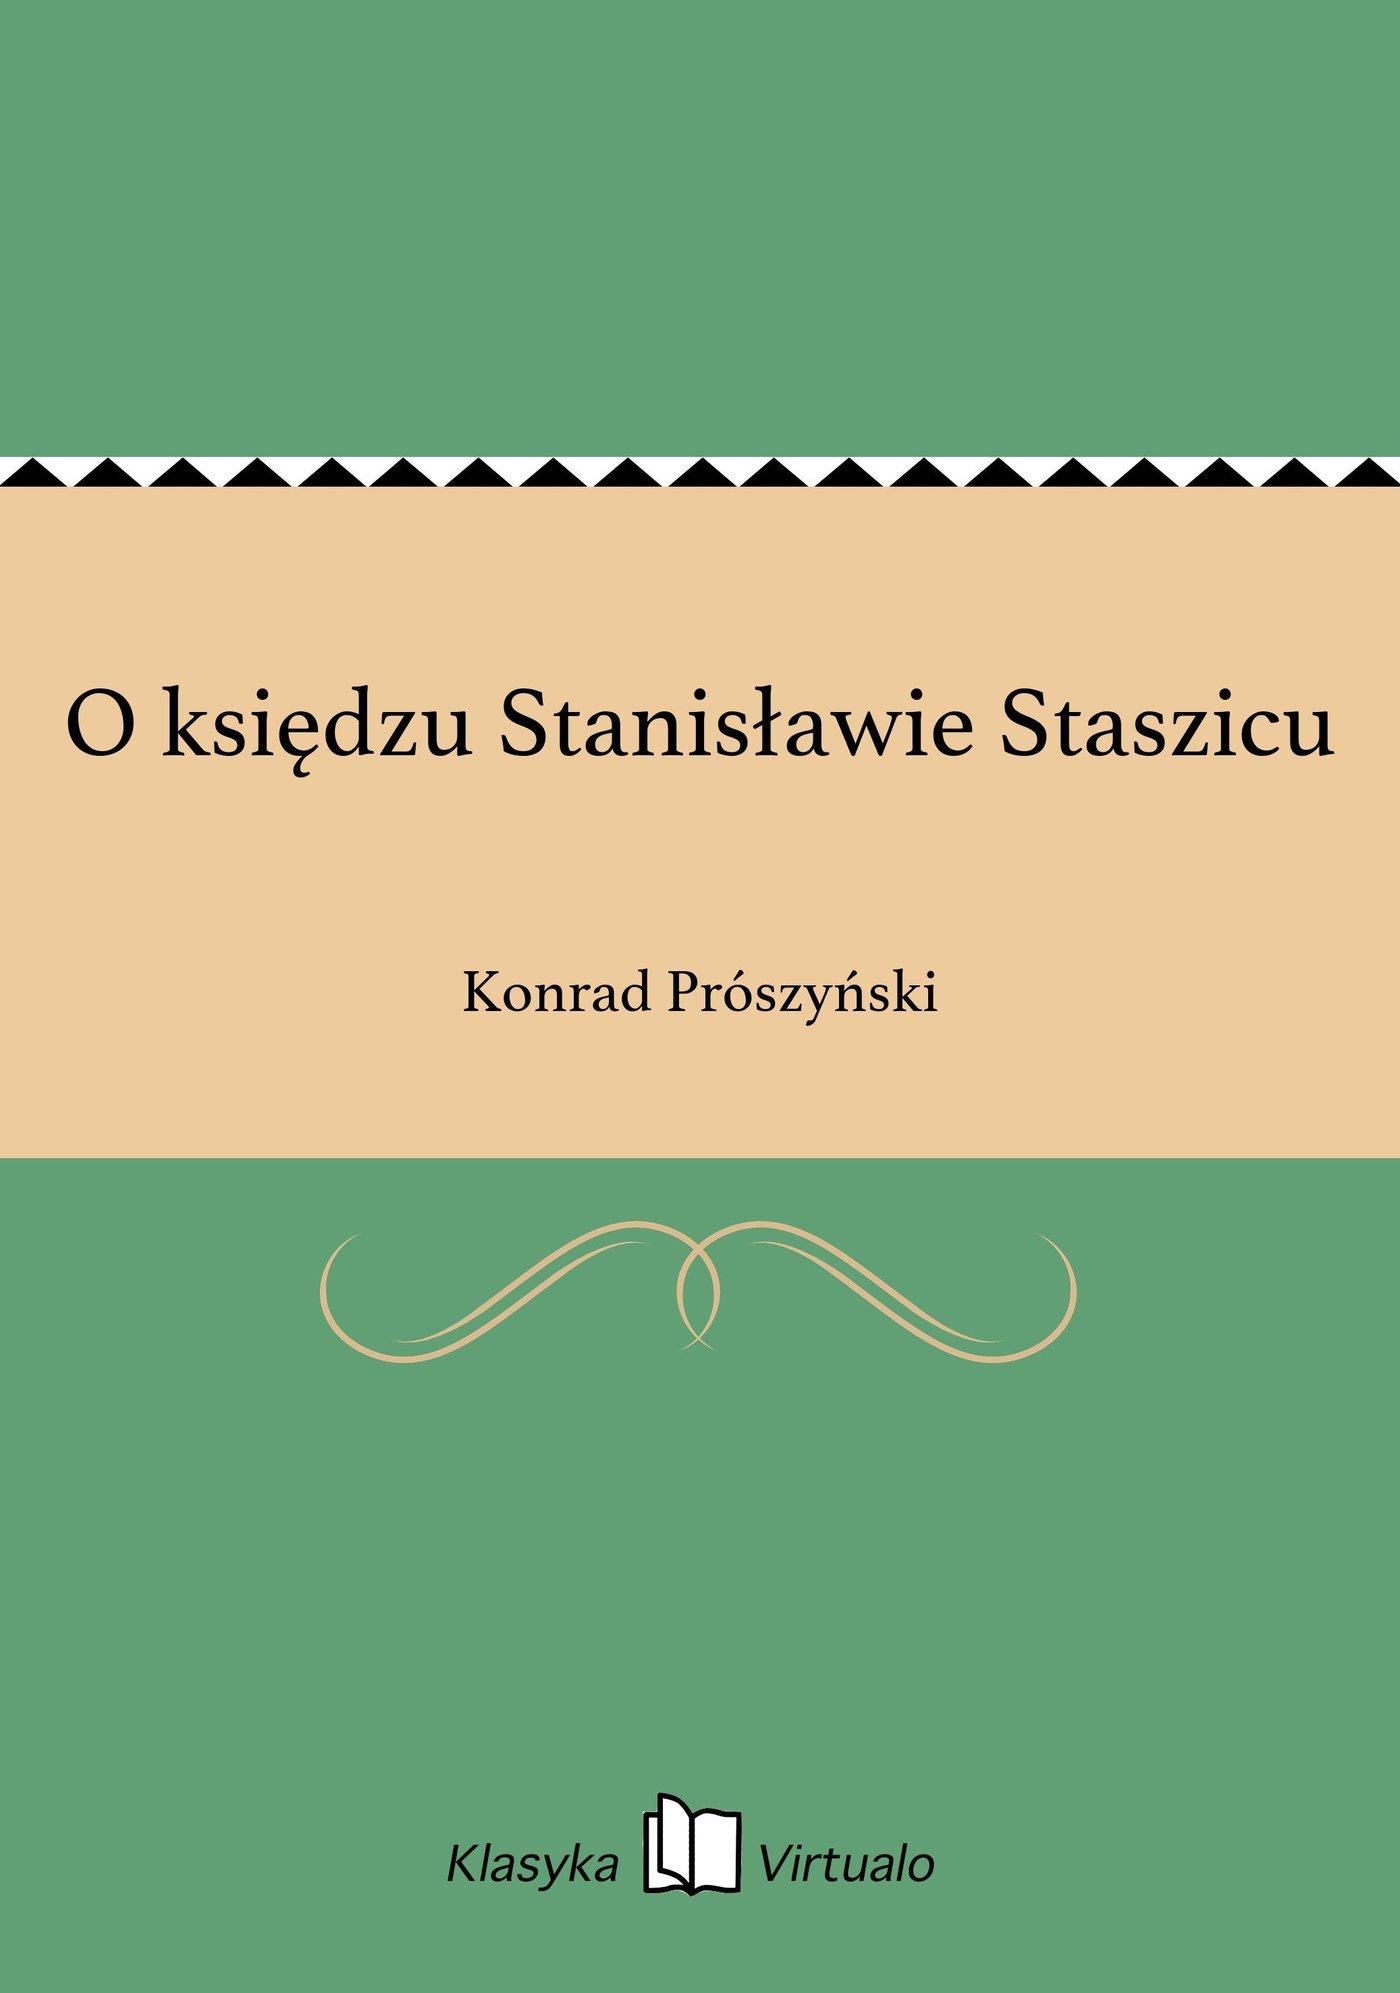 O księdzu Stanisławie Staszicu - Ebook (Książka EPUB) do pobrania w formacie EPUB